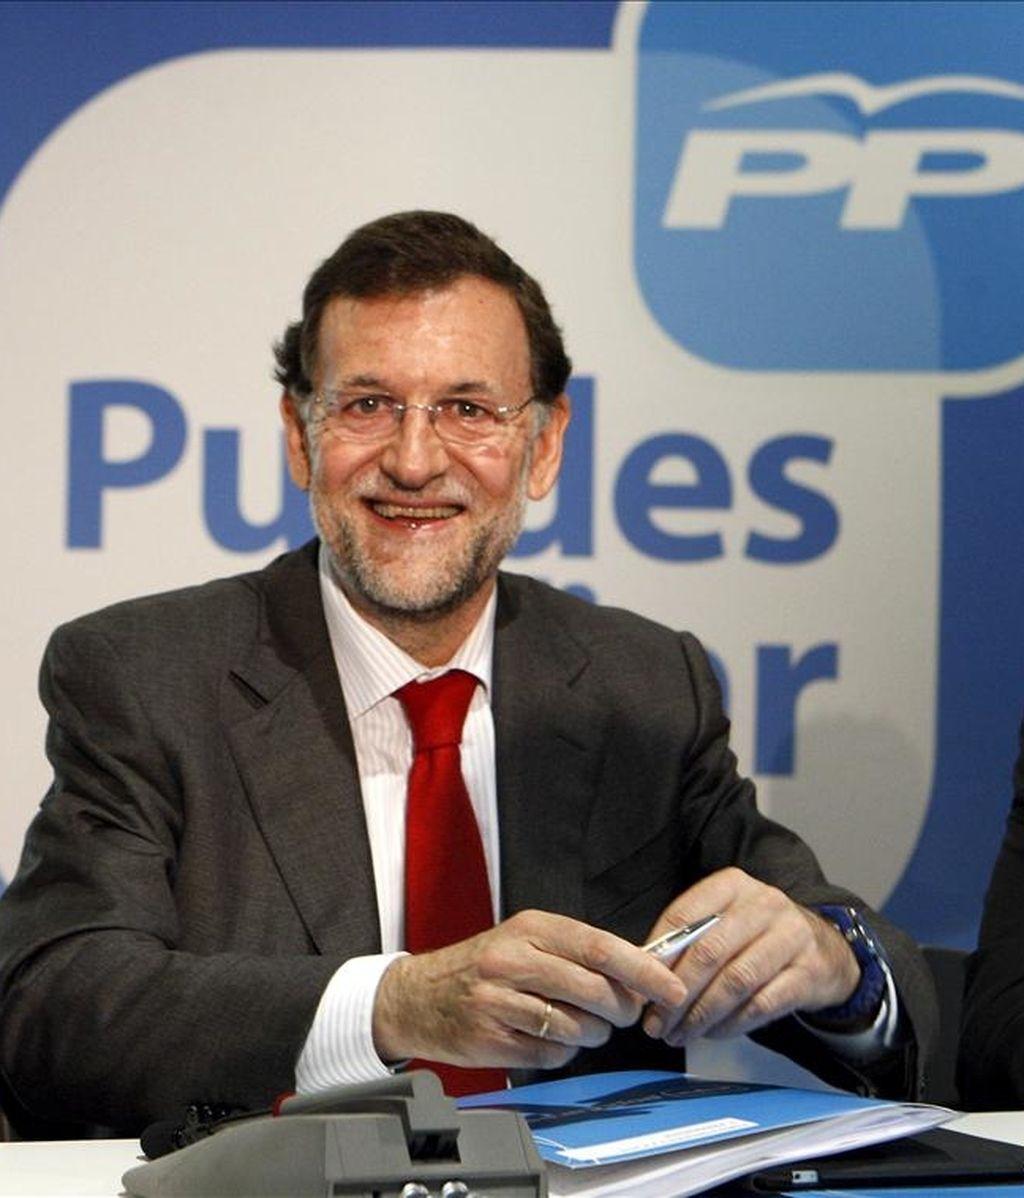 """El presidente del Partido Popular, Mariano Rajoy, durante la inauguración del Foro Europeo """"Reformas Presupuestaria y Agraria"""" que el partido ha organizado hoy en Madrid. EFE"""